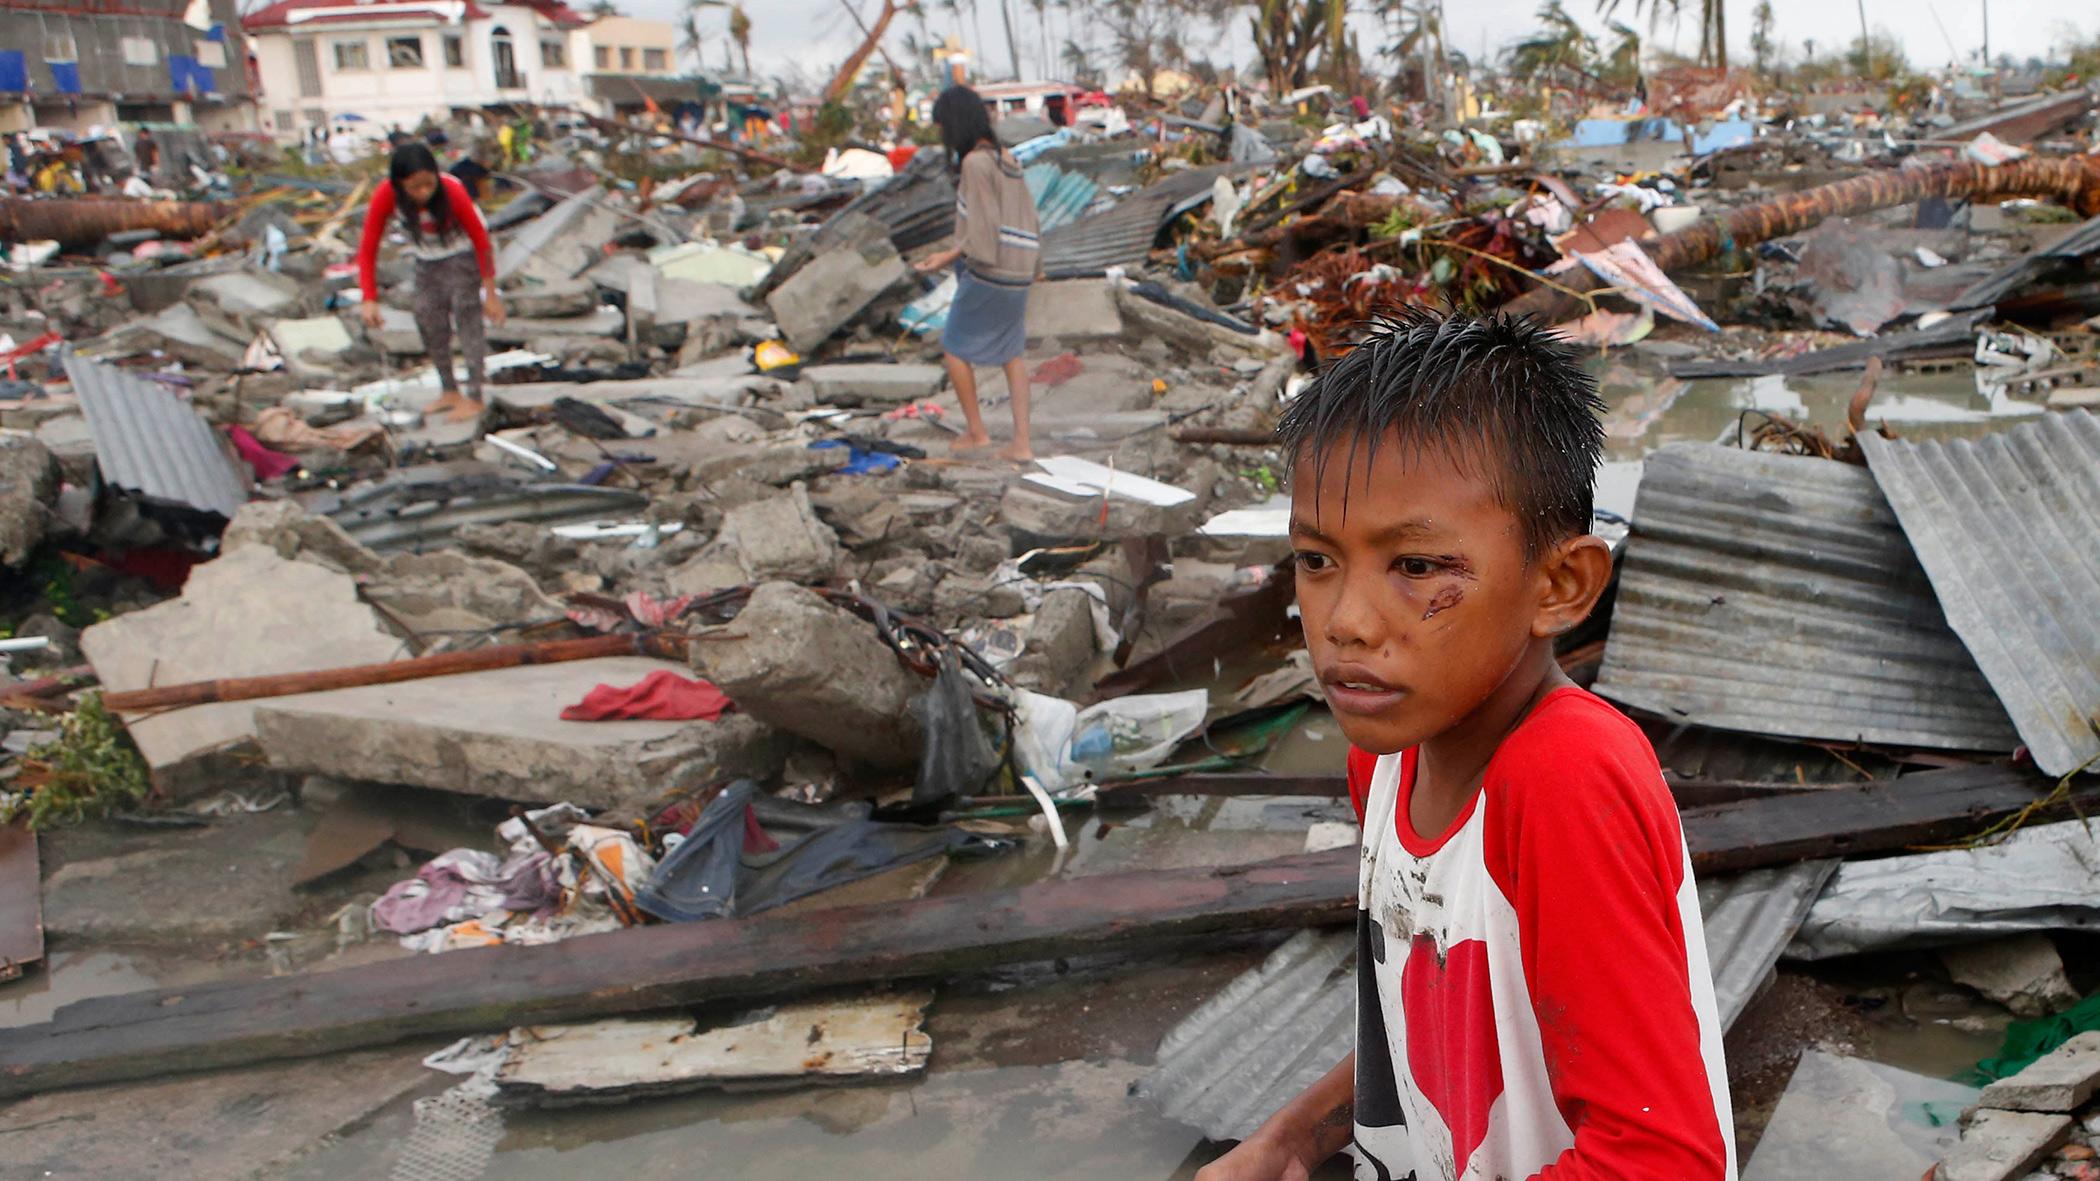 boy at scene of devastation from Typhoon Haiyan